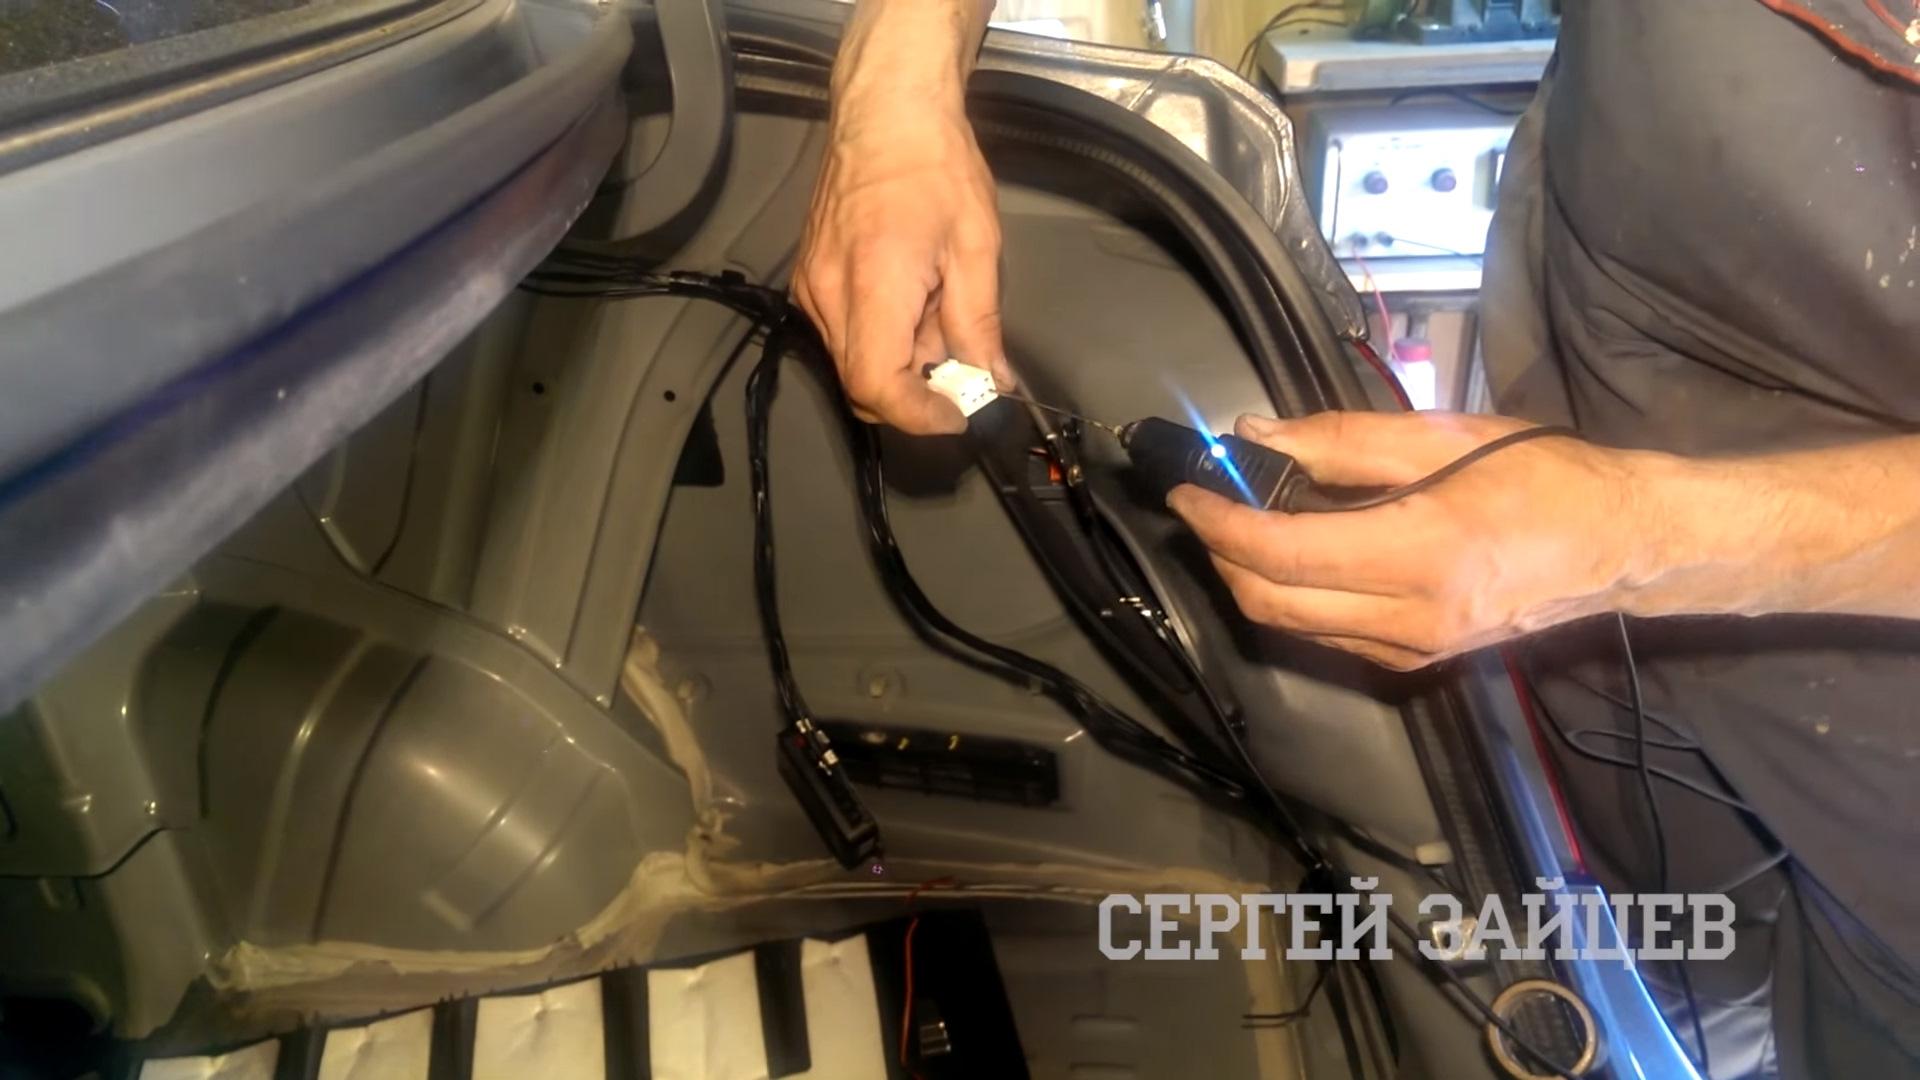 Датчик парктроника - Ремонт авто своими руками с 59